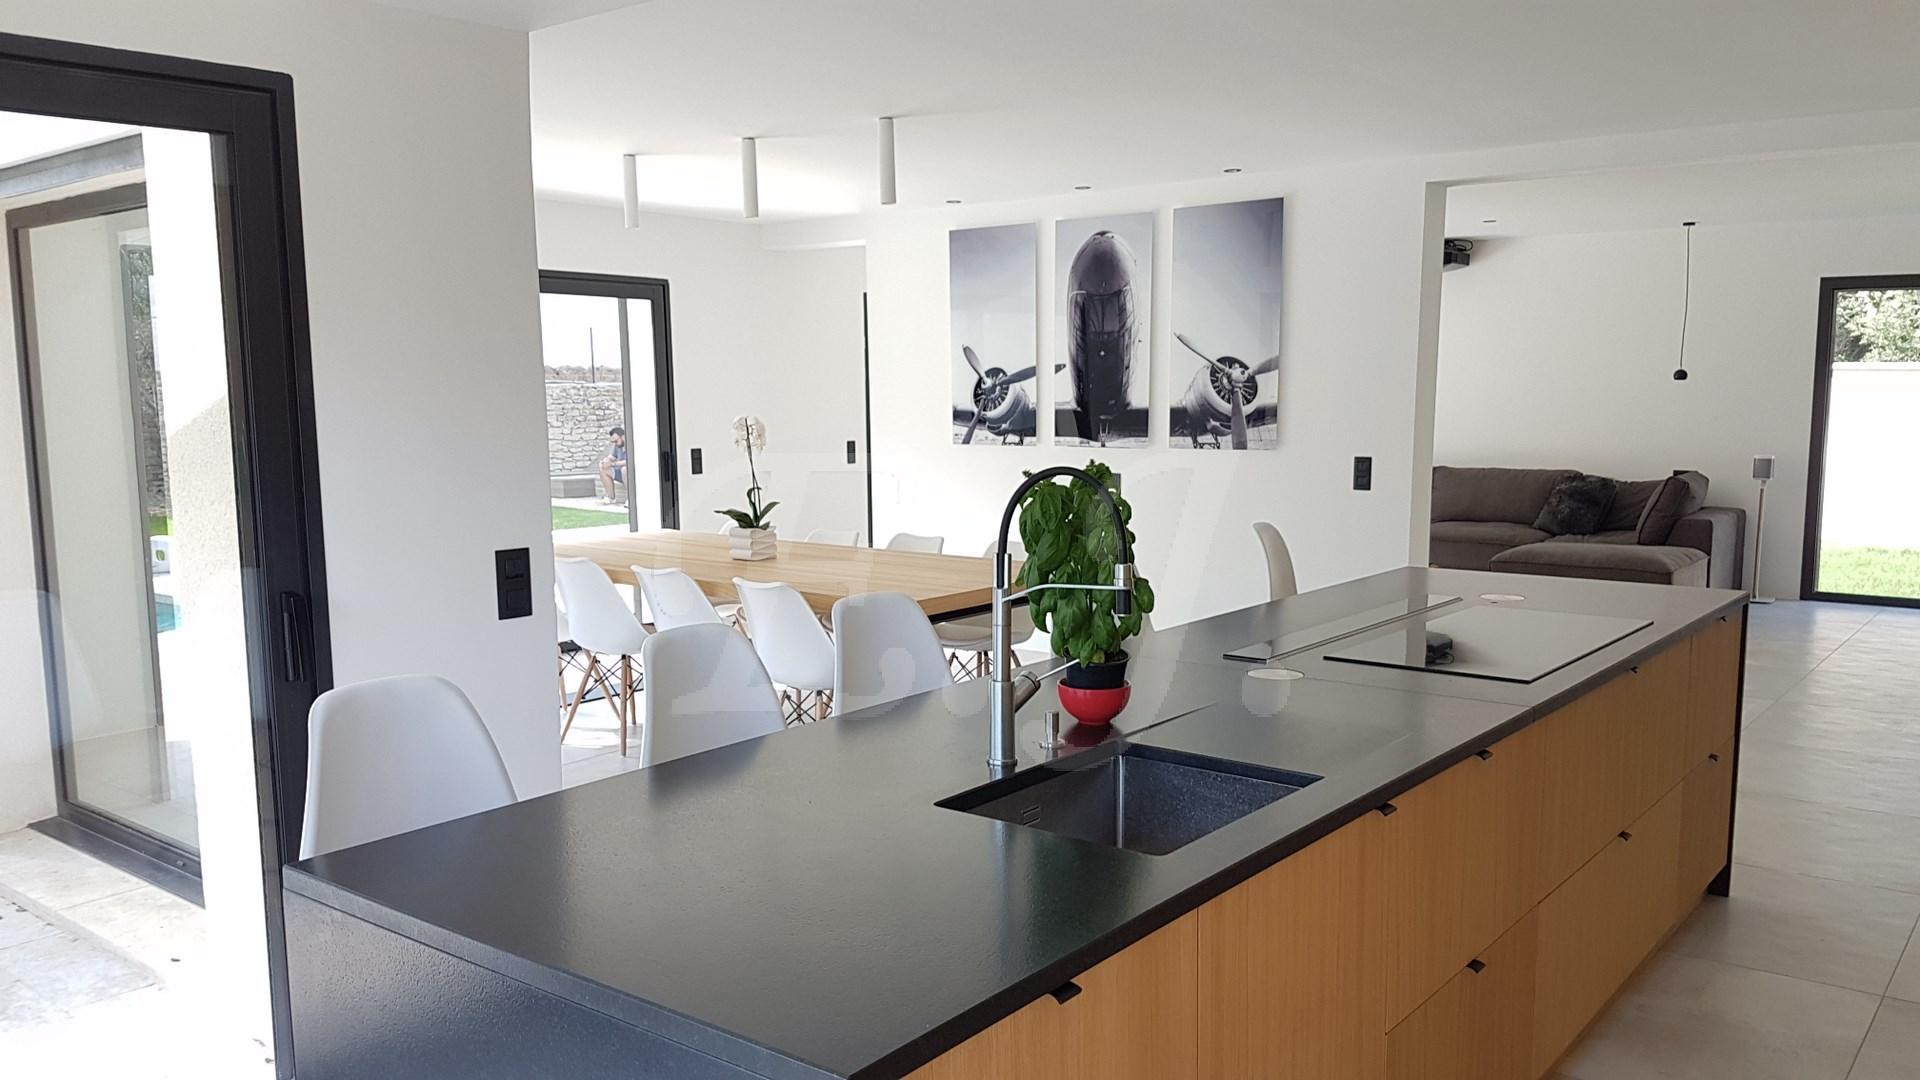 Vente Villa contemporaine T7 Les Taillades UNIQUE SUR LE MARCHÉ DE L'IMMOBILIER , VILLA CONTEMPORAINE CONNECTÉE , AVEC BASSIN DE NAGE ET MAGNIFIQUE VUE LUBERON